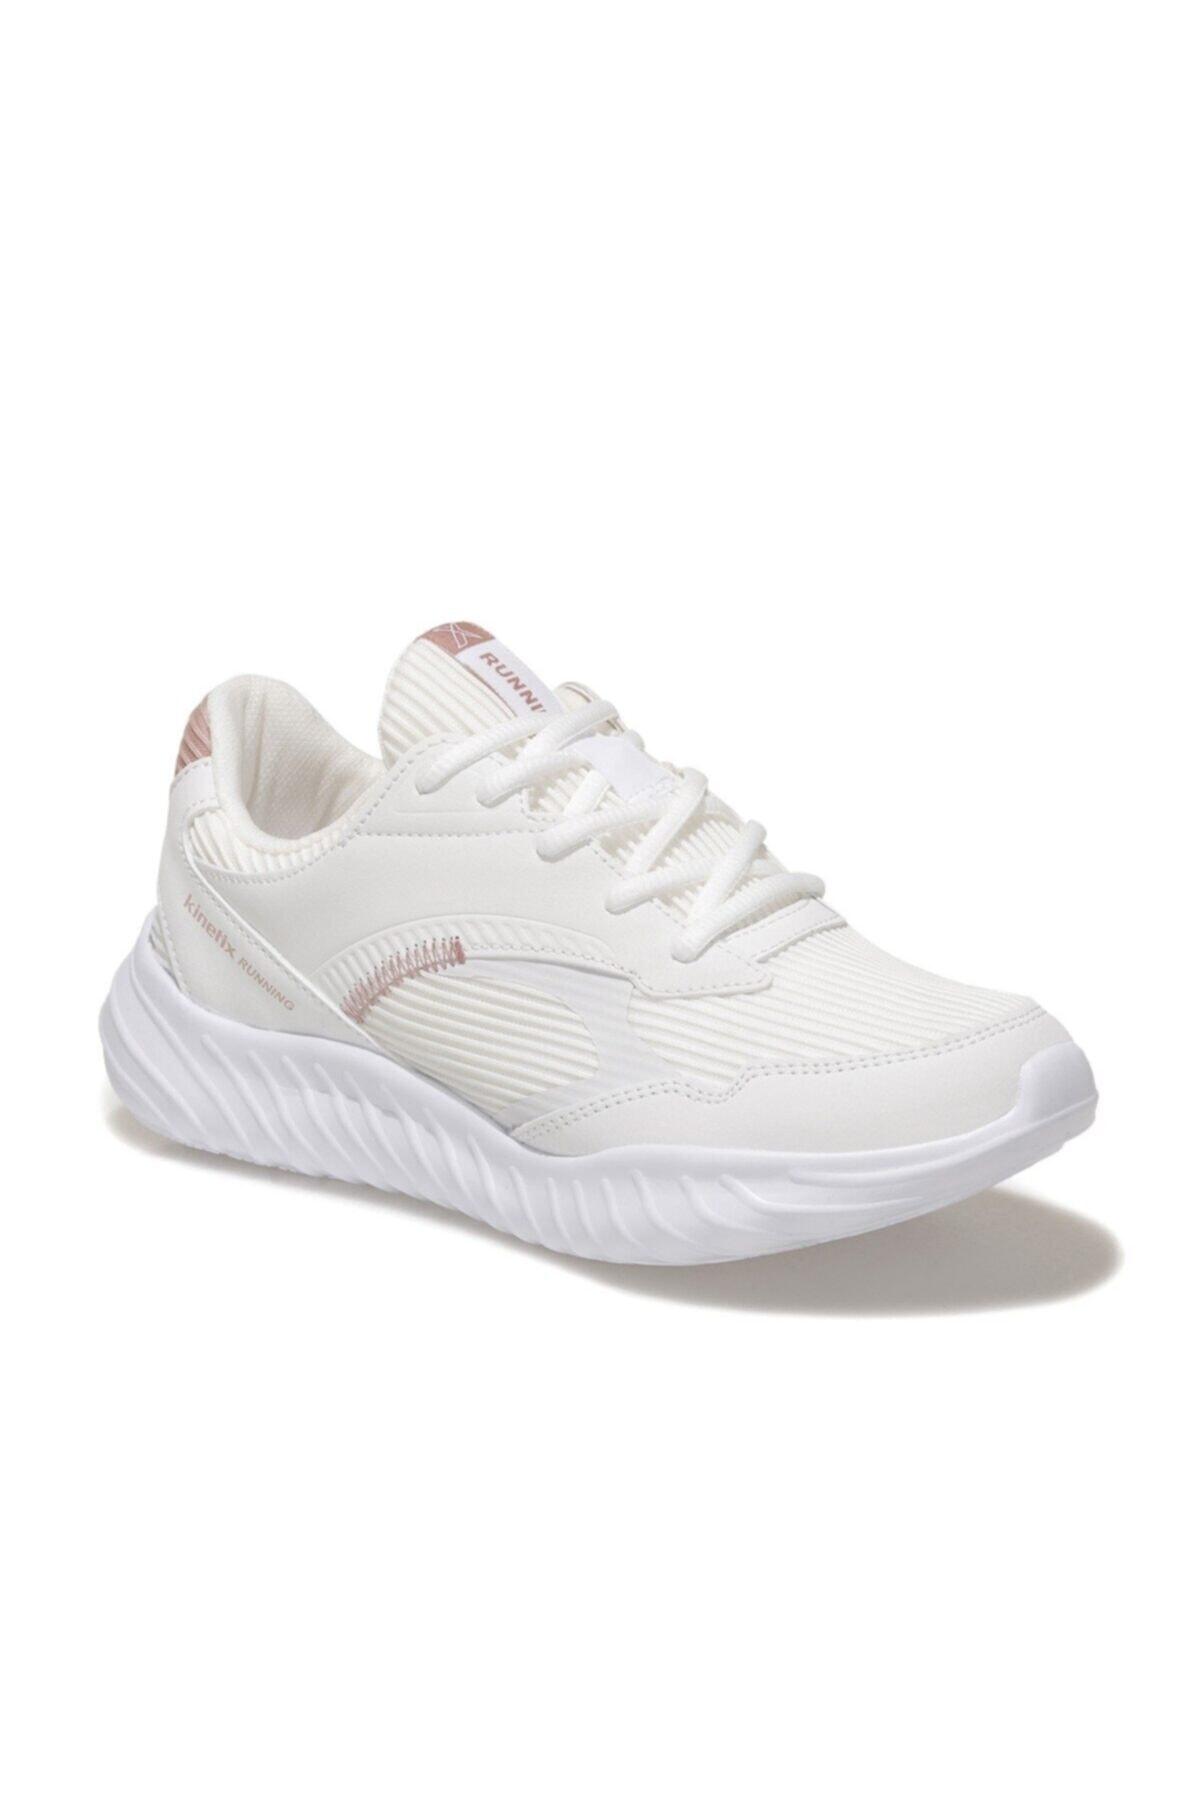 ADREM W 1FX Beyaz Kadın Comfort Ayakkabı 100781533